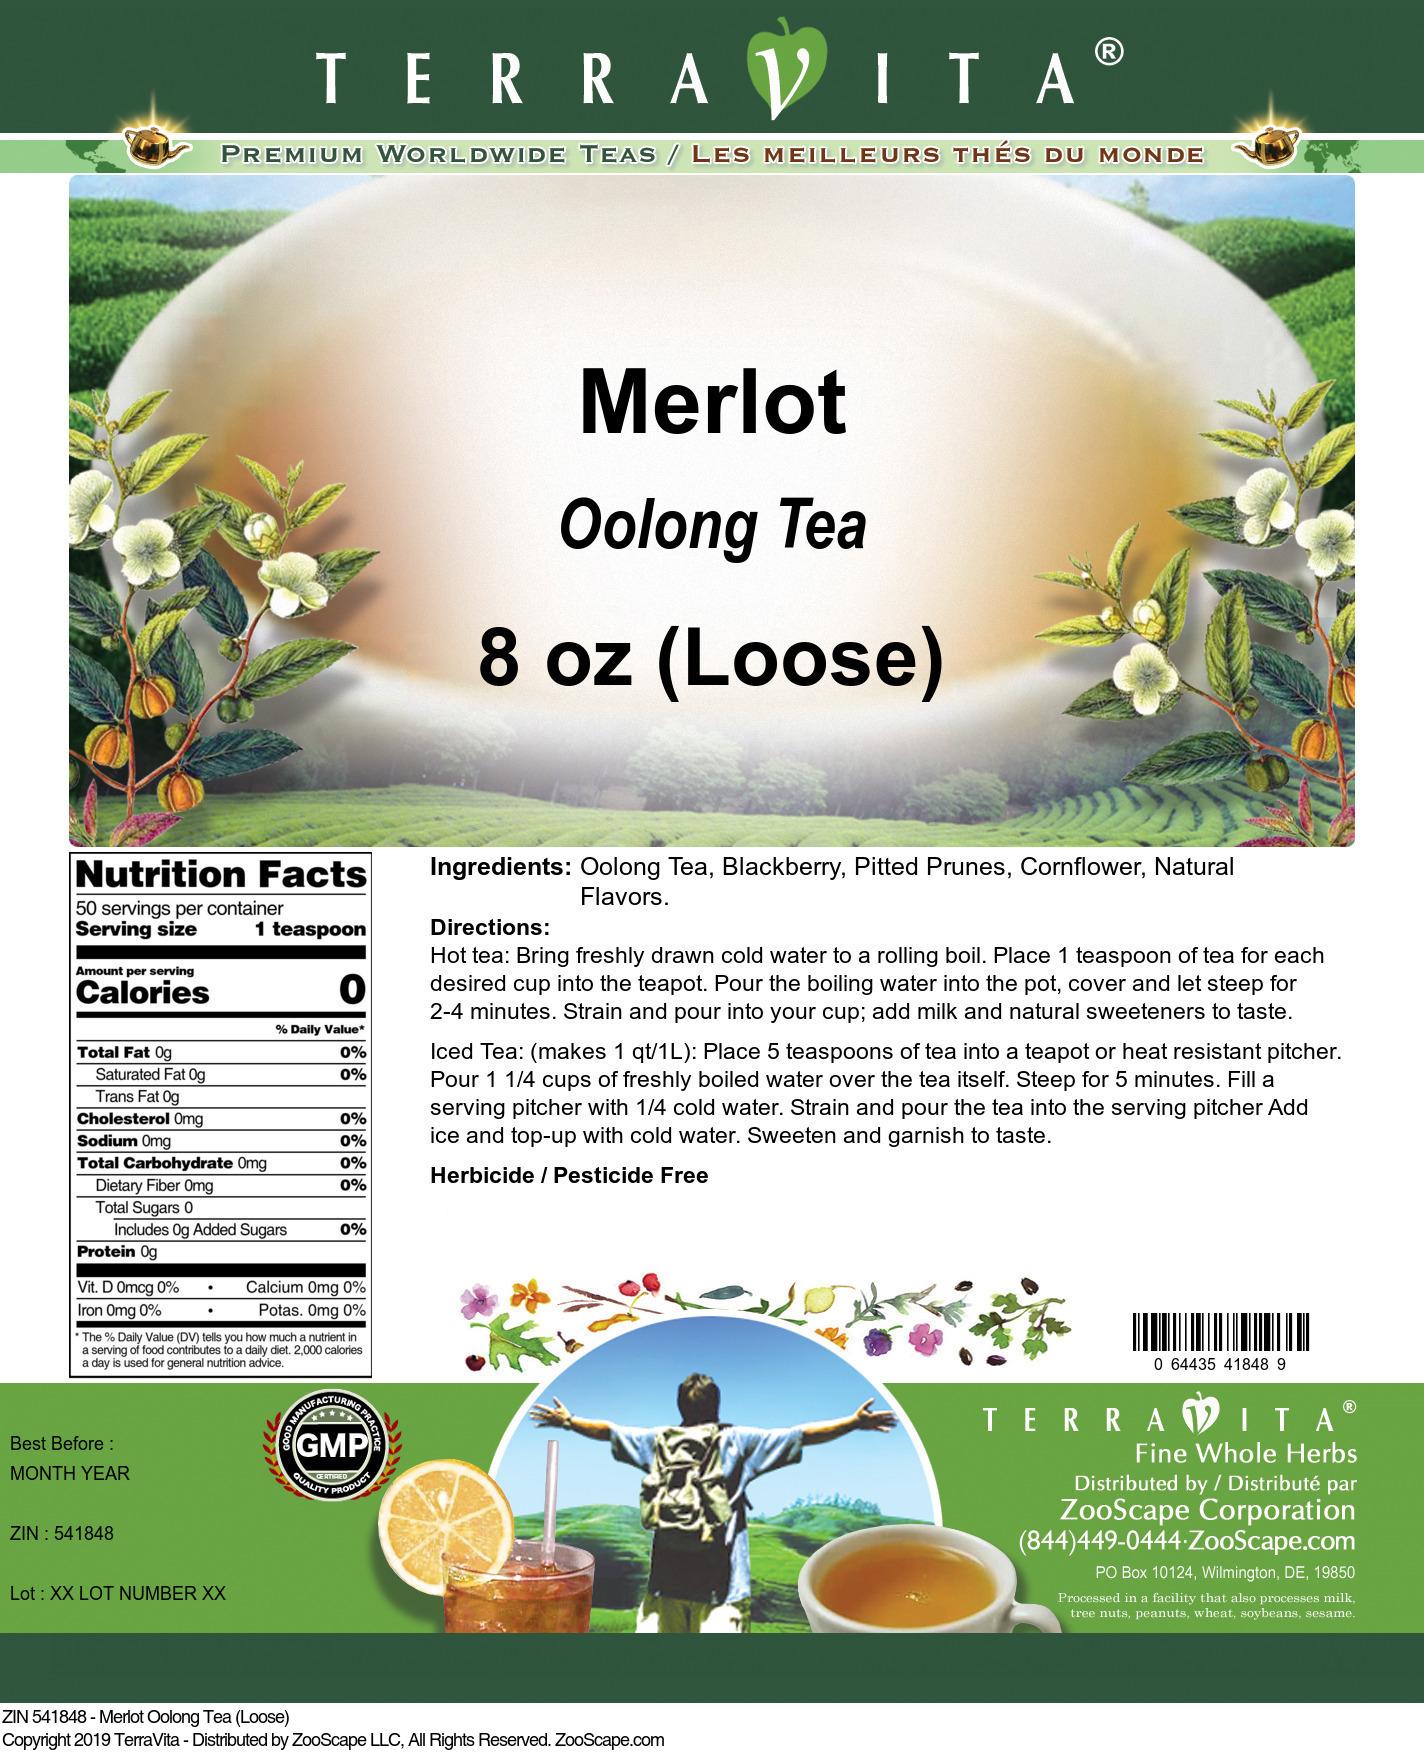 Merlot Oolong Tea (Loose)